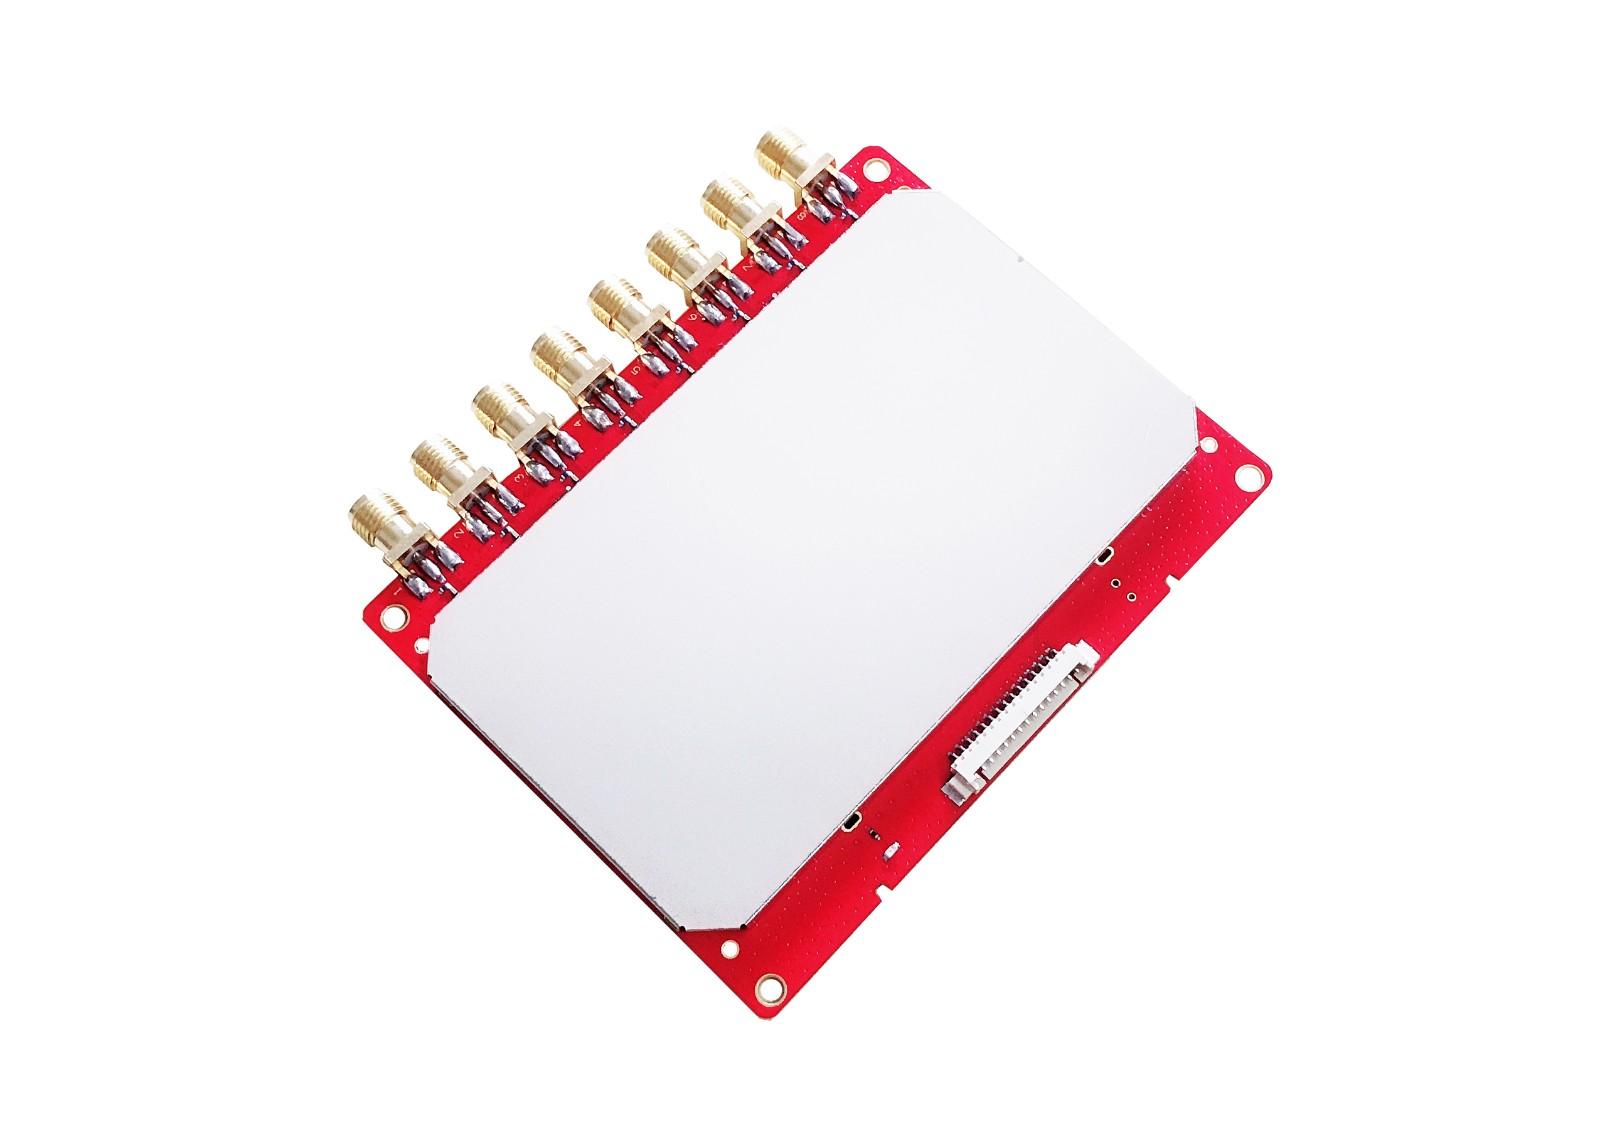 超高频2889M电力测温读写模块的特点是什么